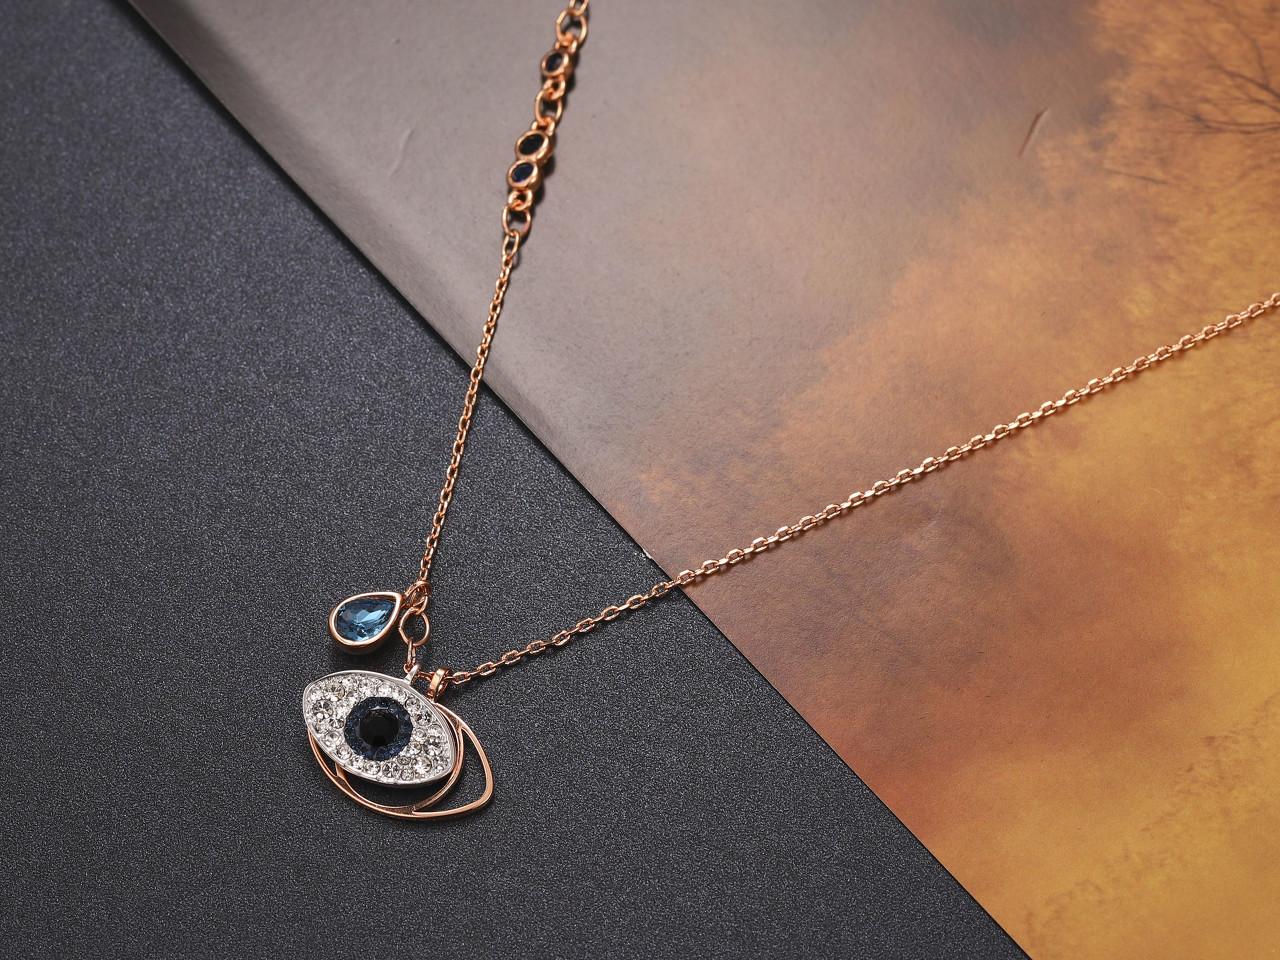 18K金究竟有何魅力 让各珠宝品牌如此青睐TA?